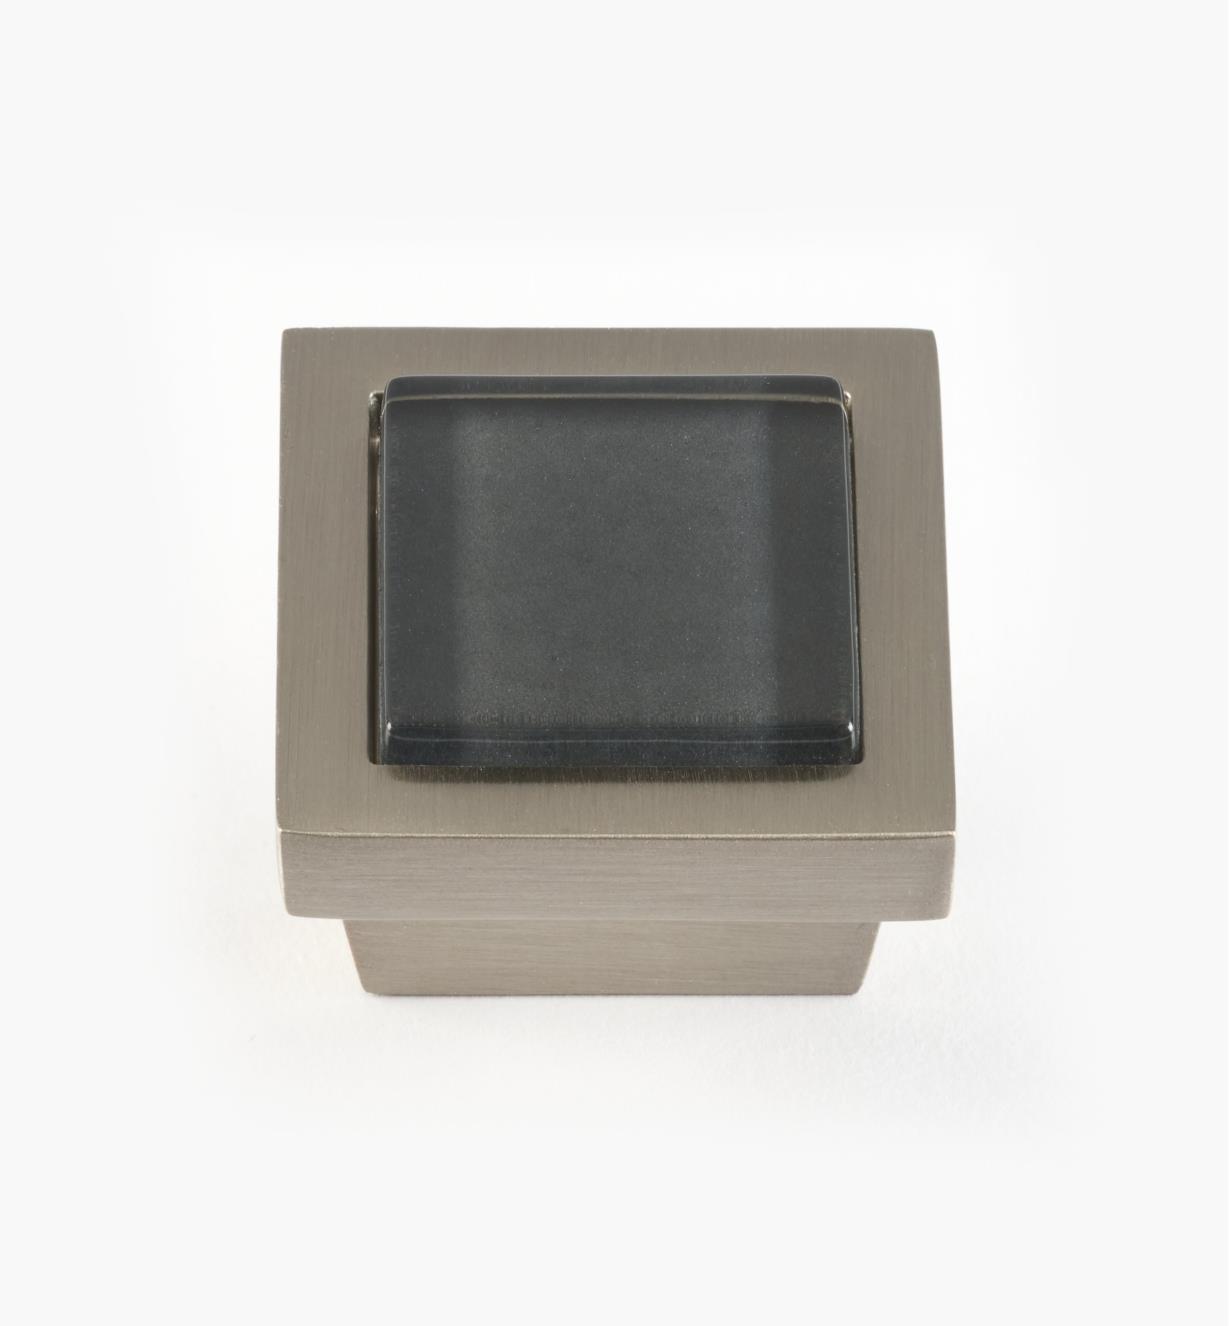 01W5122 - Bouton carré Spa, ardoise, fini nickel brossé, 1 3/8 po